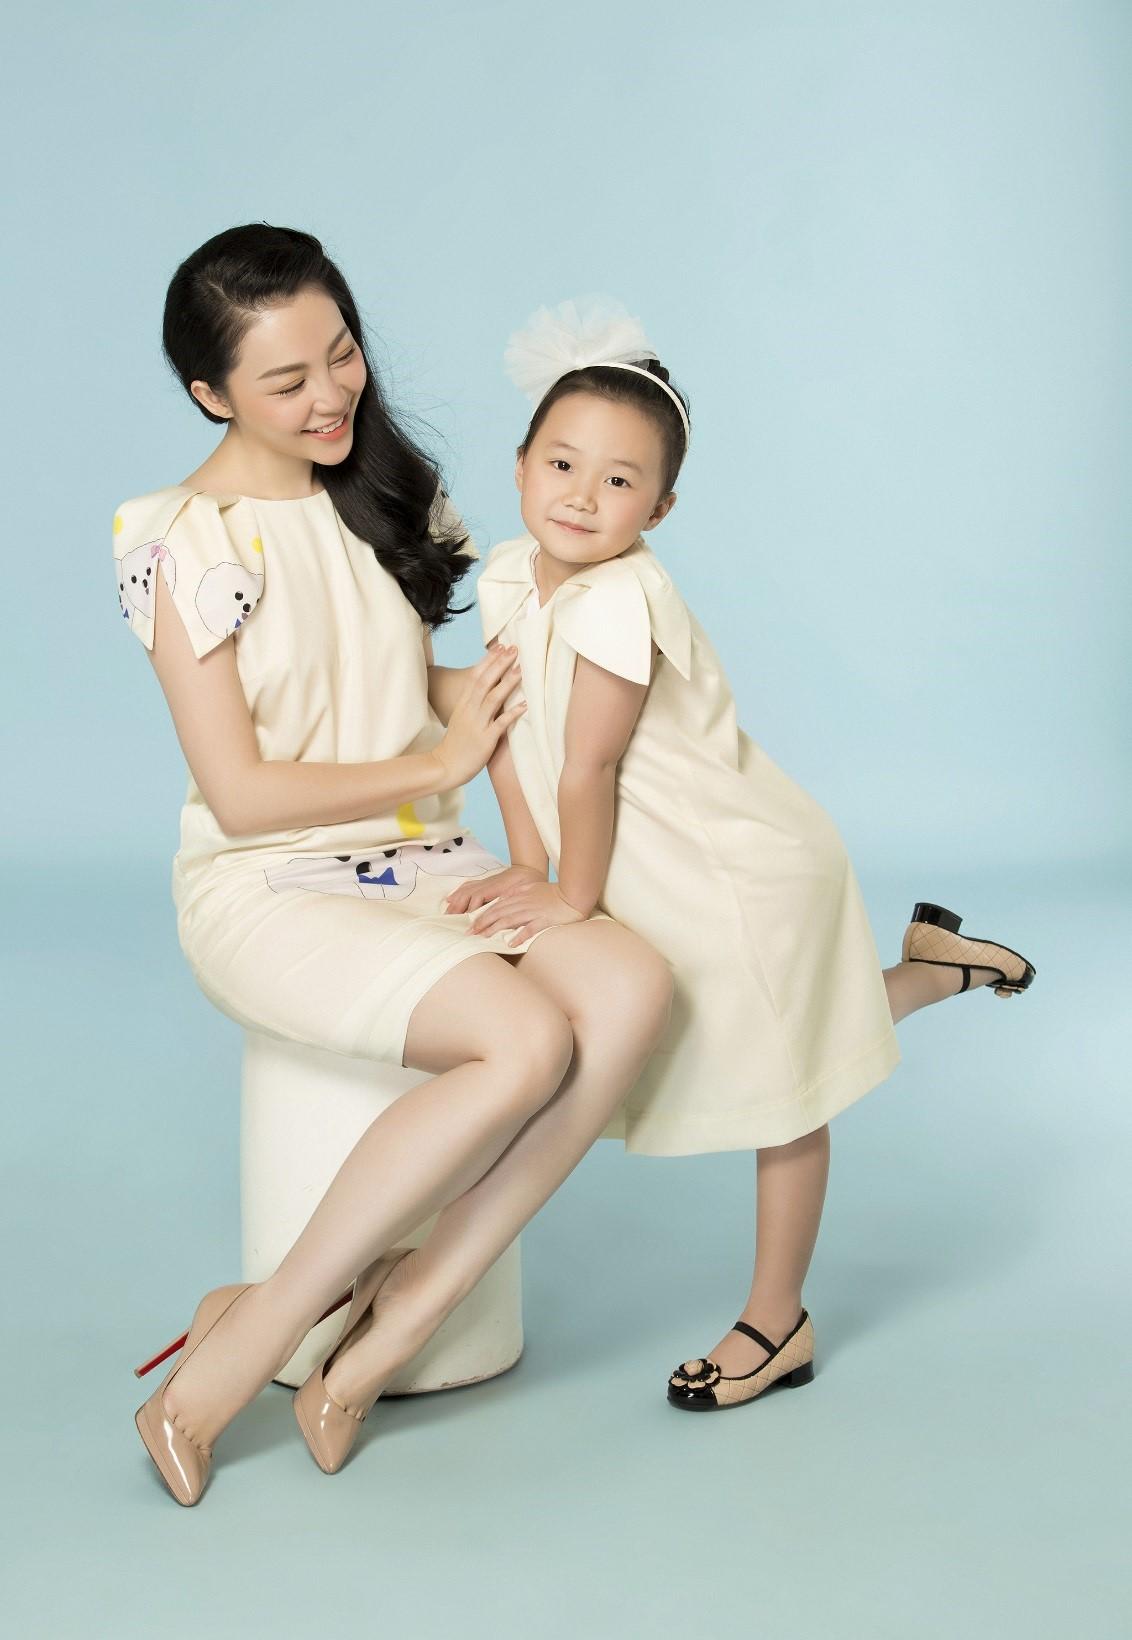 Cùng Vy Oanh, Linh Nga, Trương Quỳnh Anh và Ngọc Diễm mang nụ cười đến trẻ em Việt Nam - Ảnh 2.